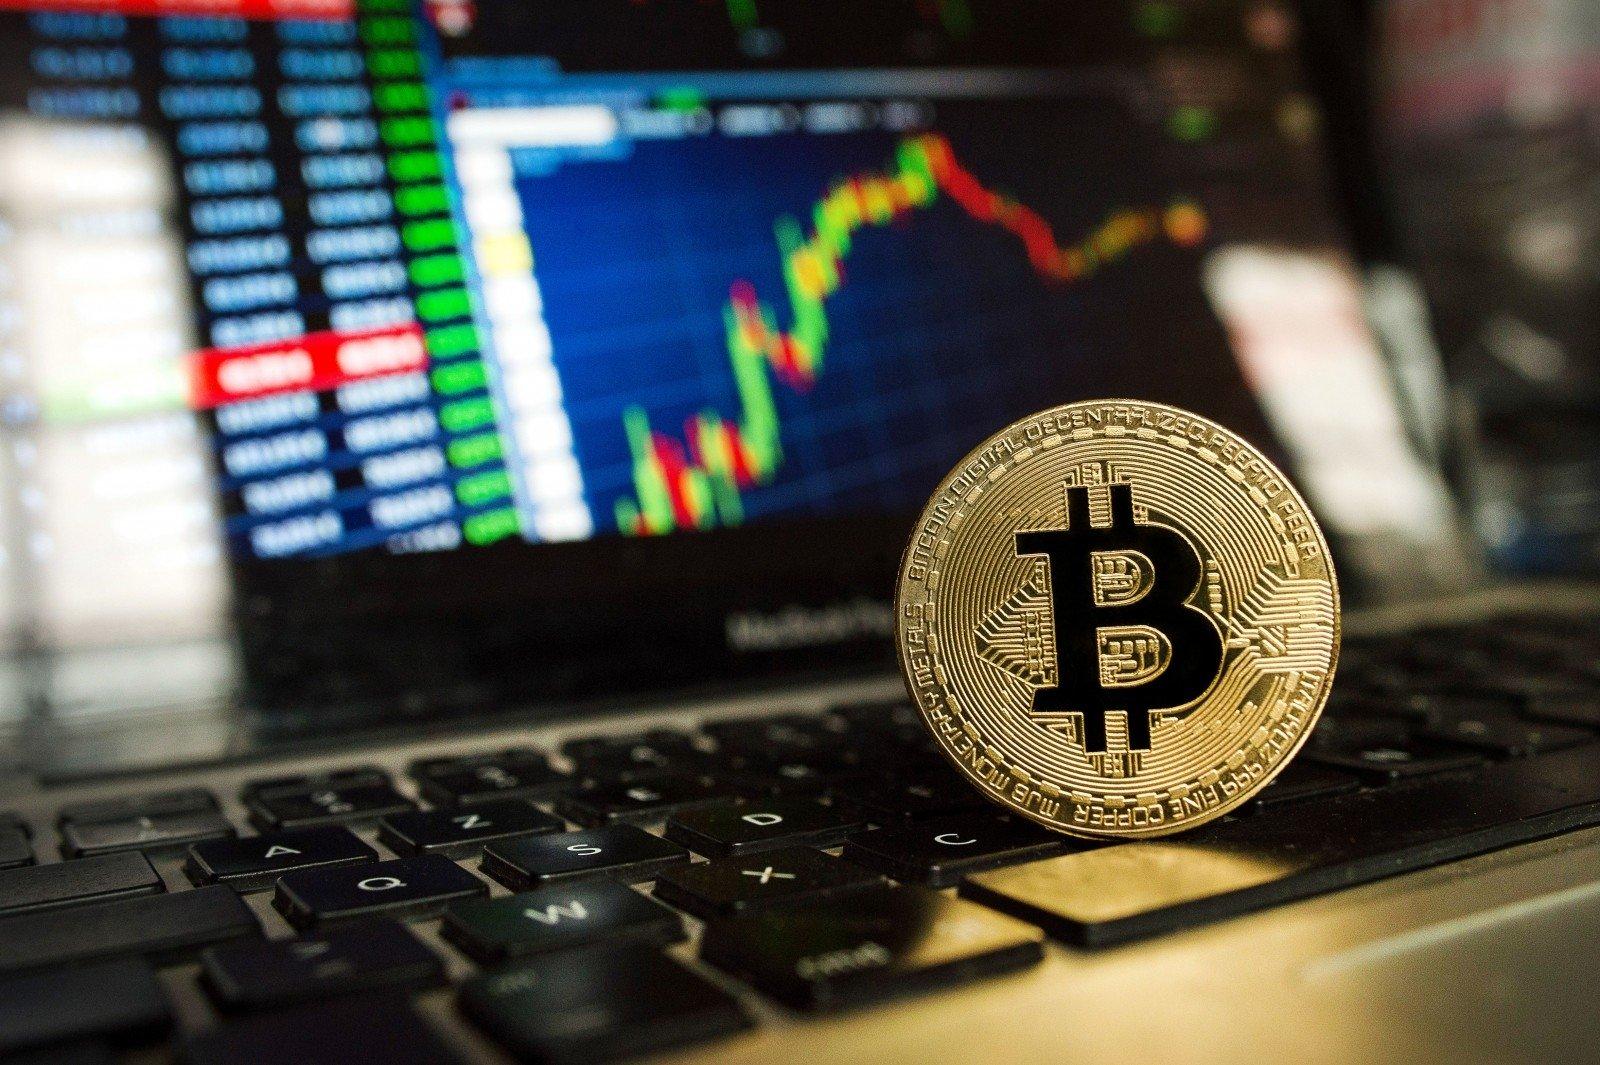 Specialistų ar vis tiek galiu užsidirbti pinigų kasdamas bitkoinus Kaip gauti